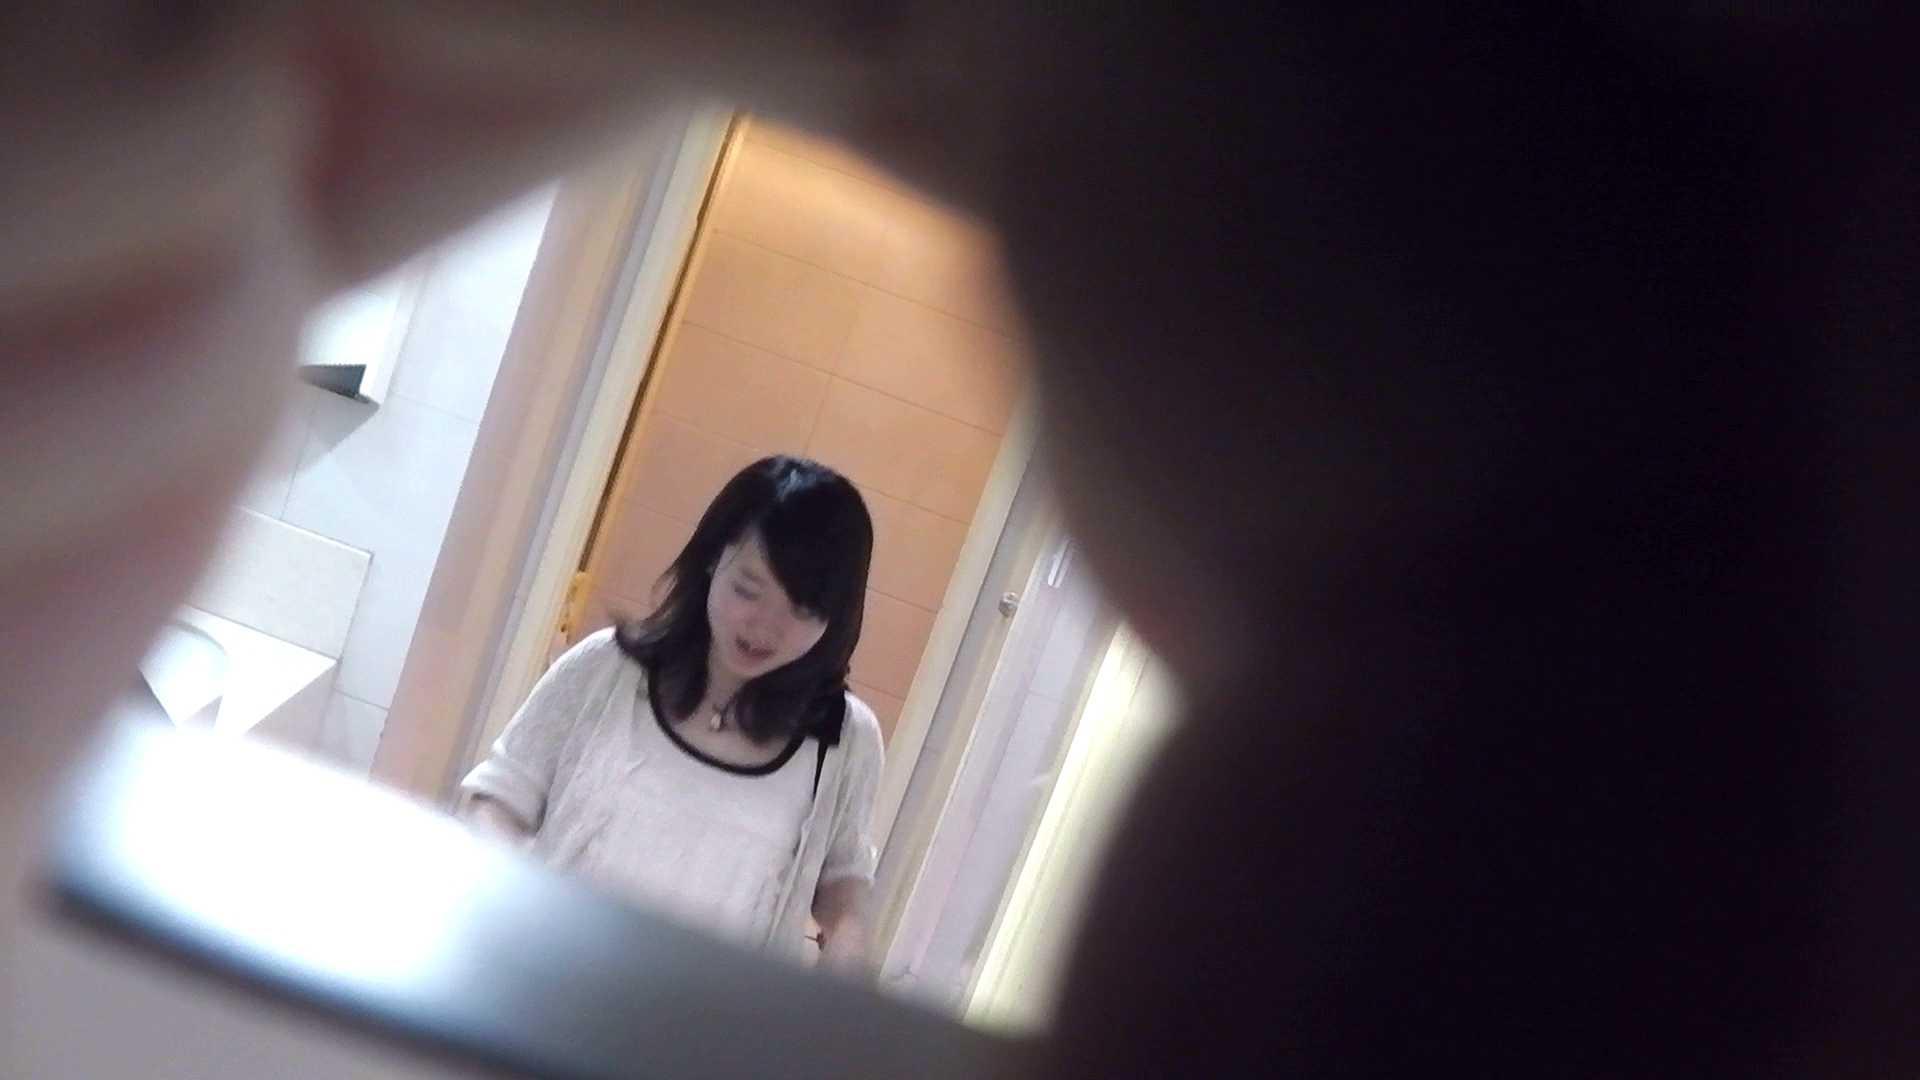 世界の射窓から vol.9 洗面所 われめAV動画紹介 85画像 74